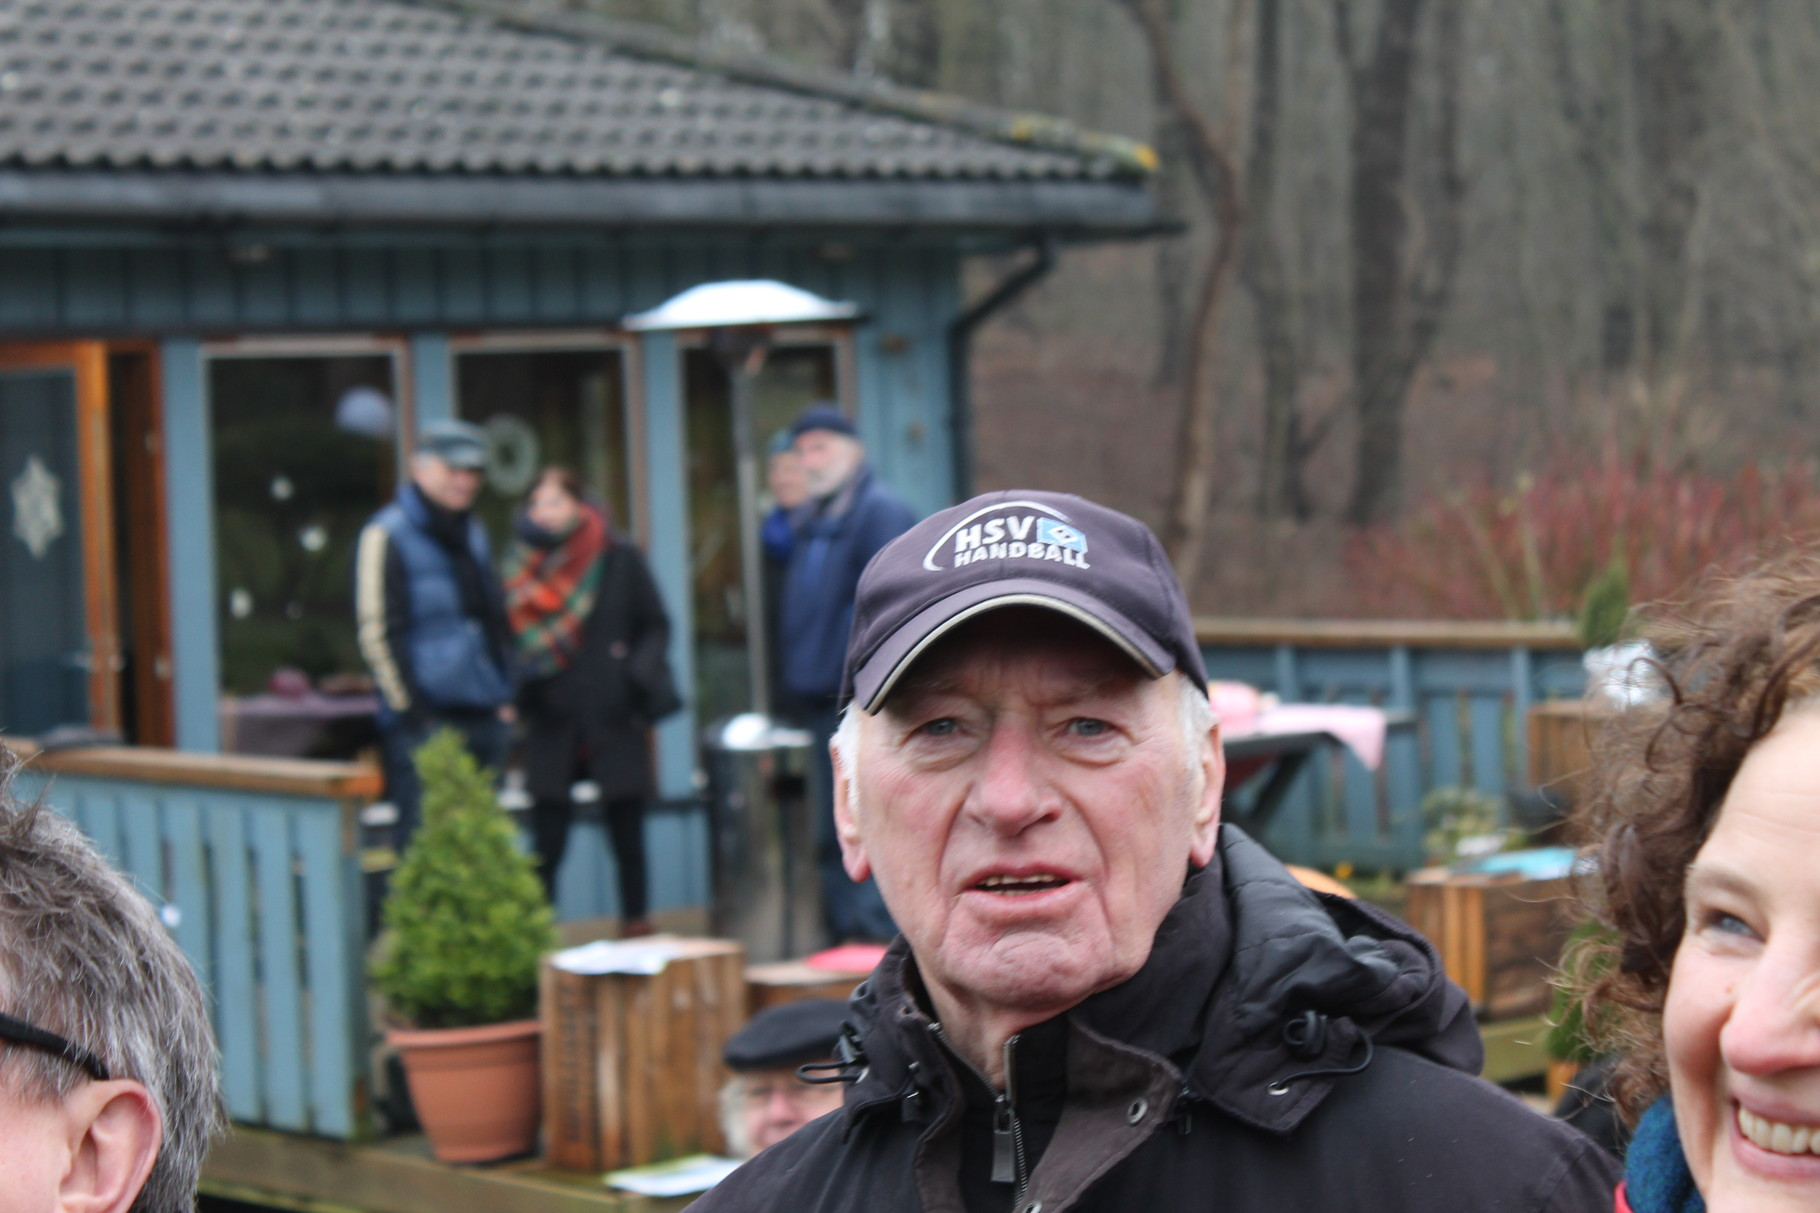 Gartenfreunde staunen und freuen sich über die Hilfestellungen zum Baumschnitt